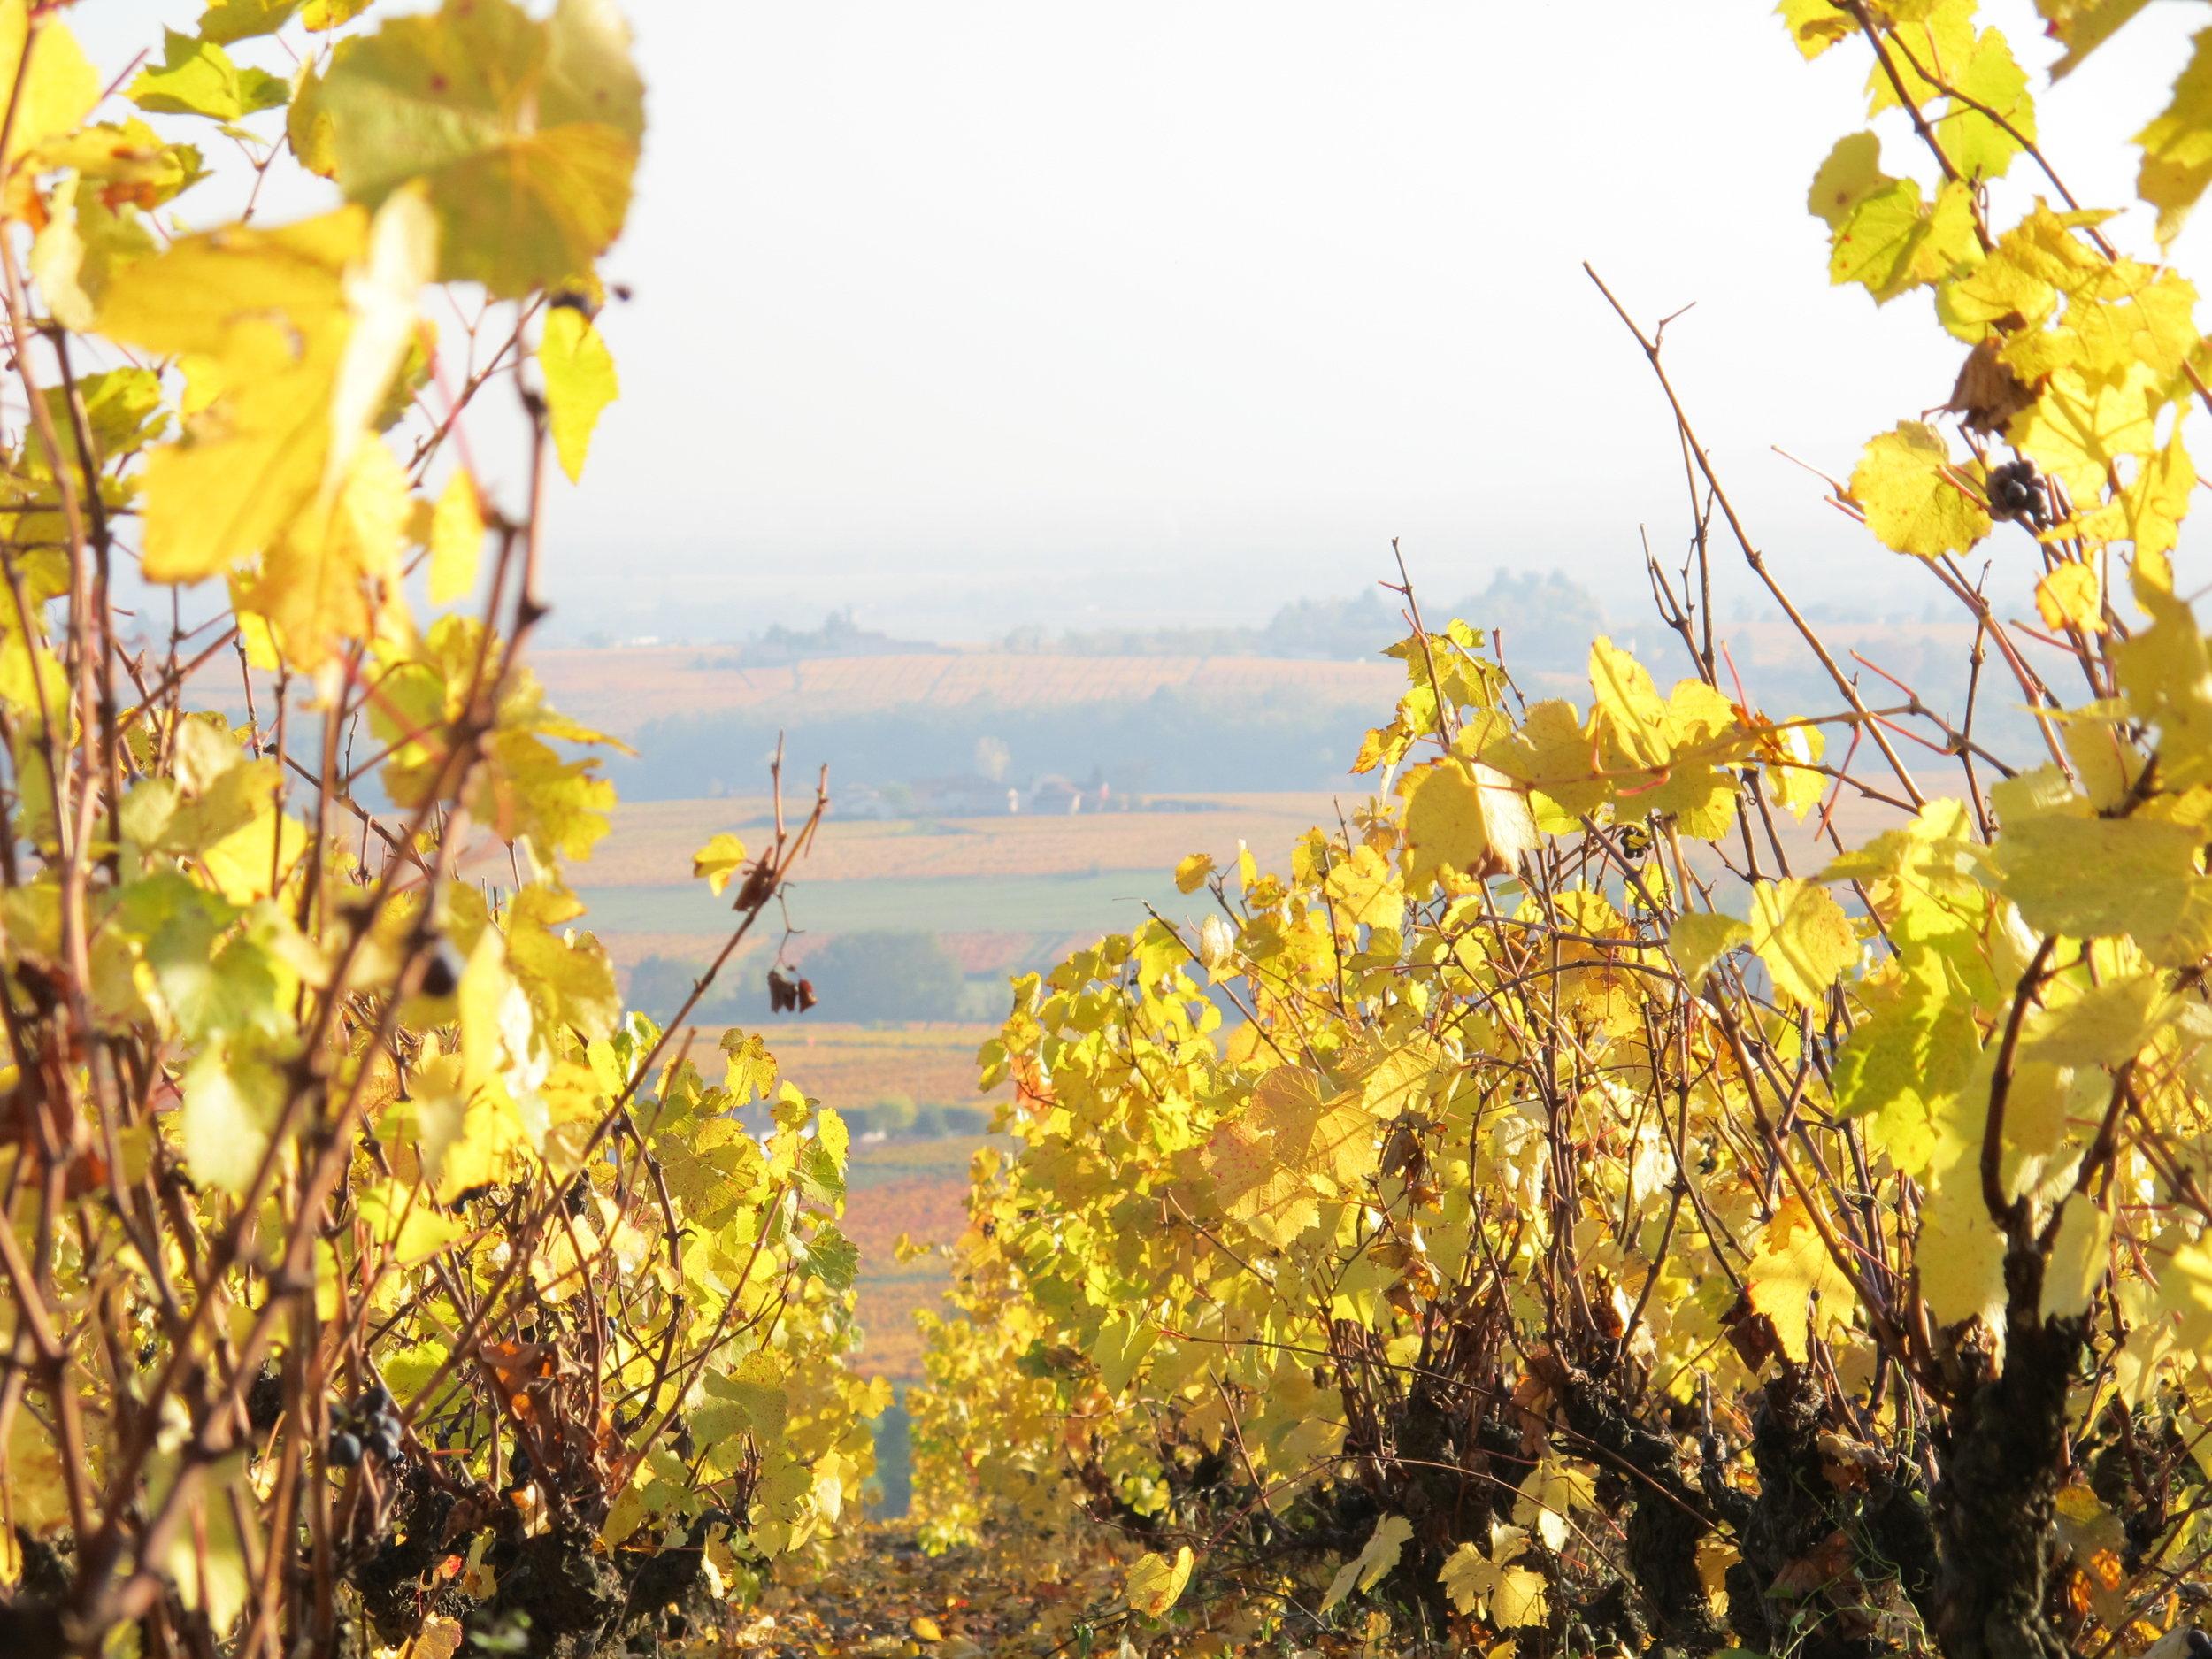 Vines in Autumn closeup.JPG